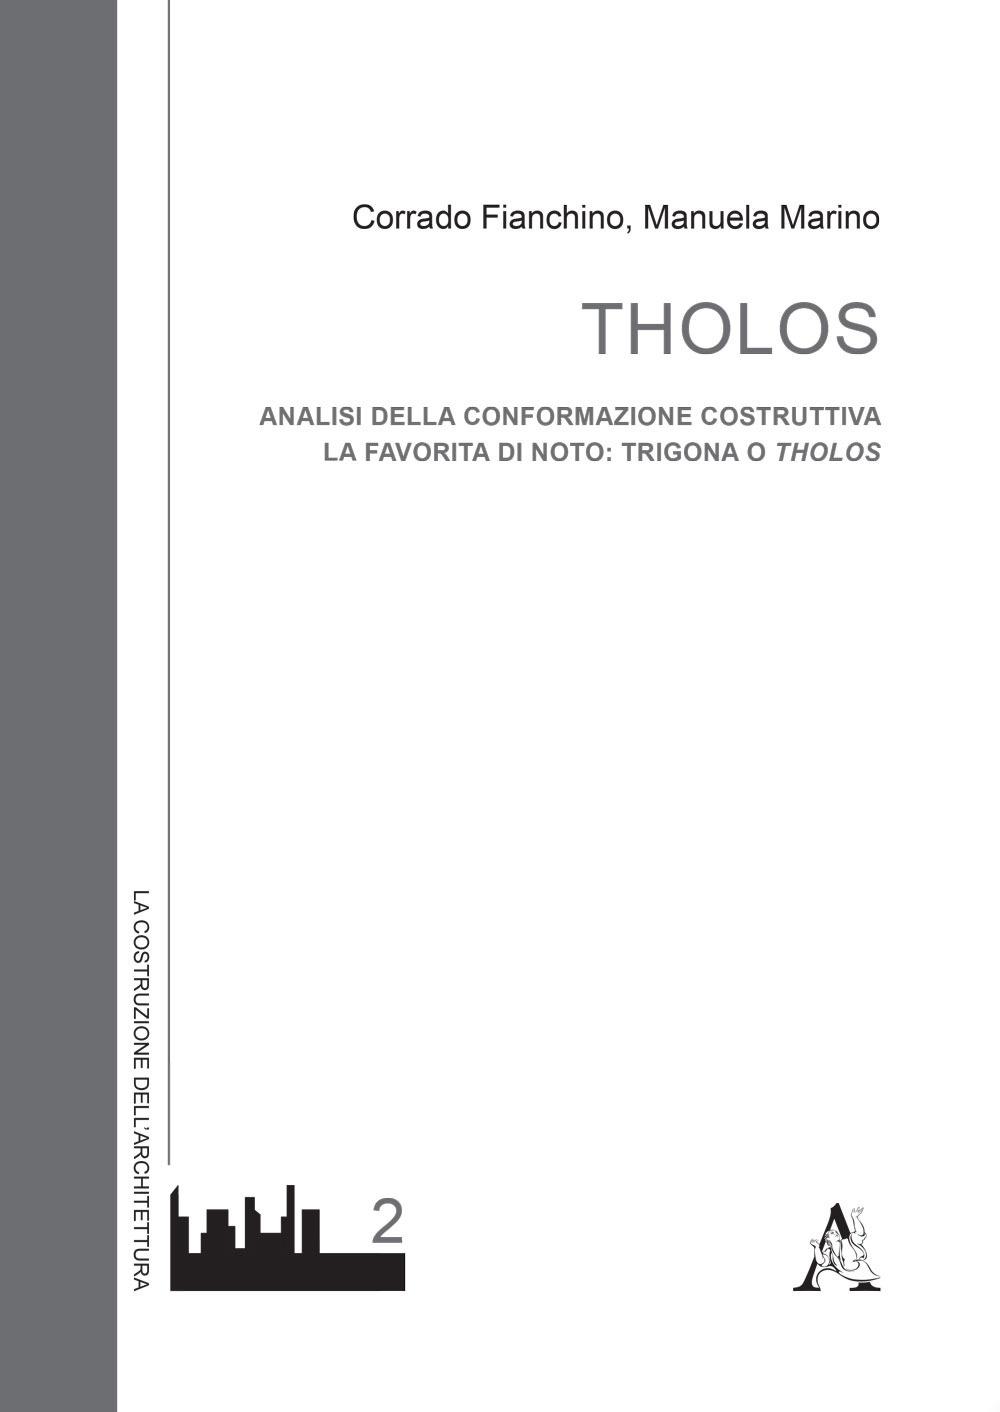 Tholos. Analisi della conformazione costruttiva. La favorita di Noto: Trigona o Tholos